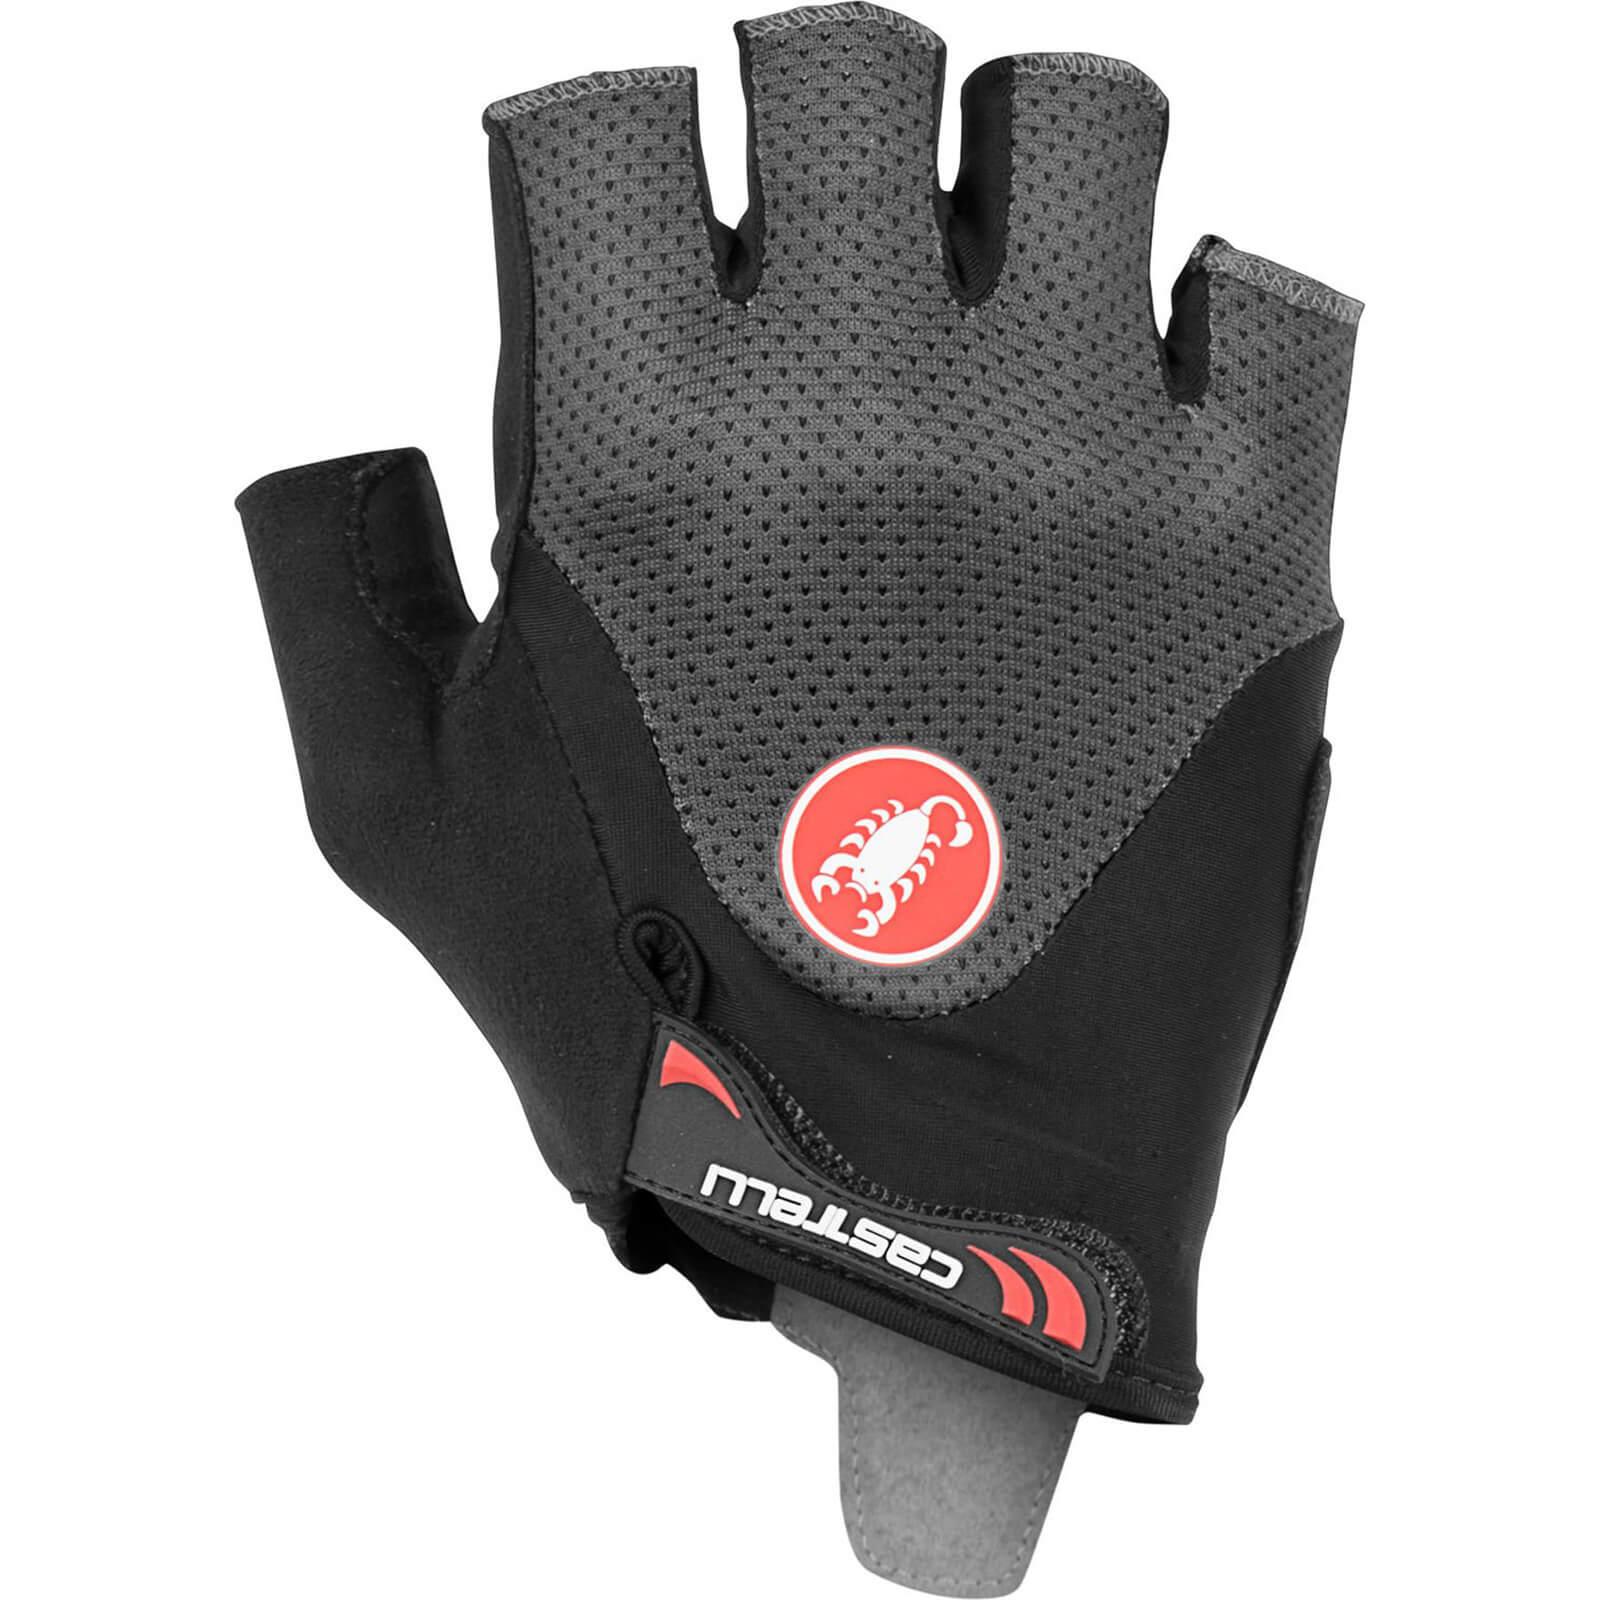 Castelli Arenberg Gel 2 Handschuhe - XL - Dark Grey